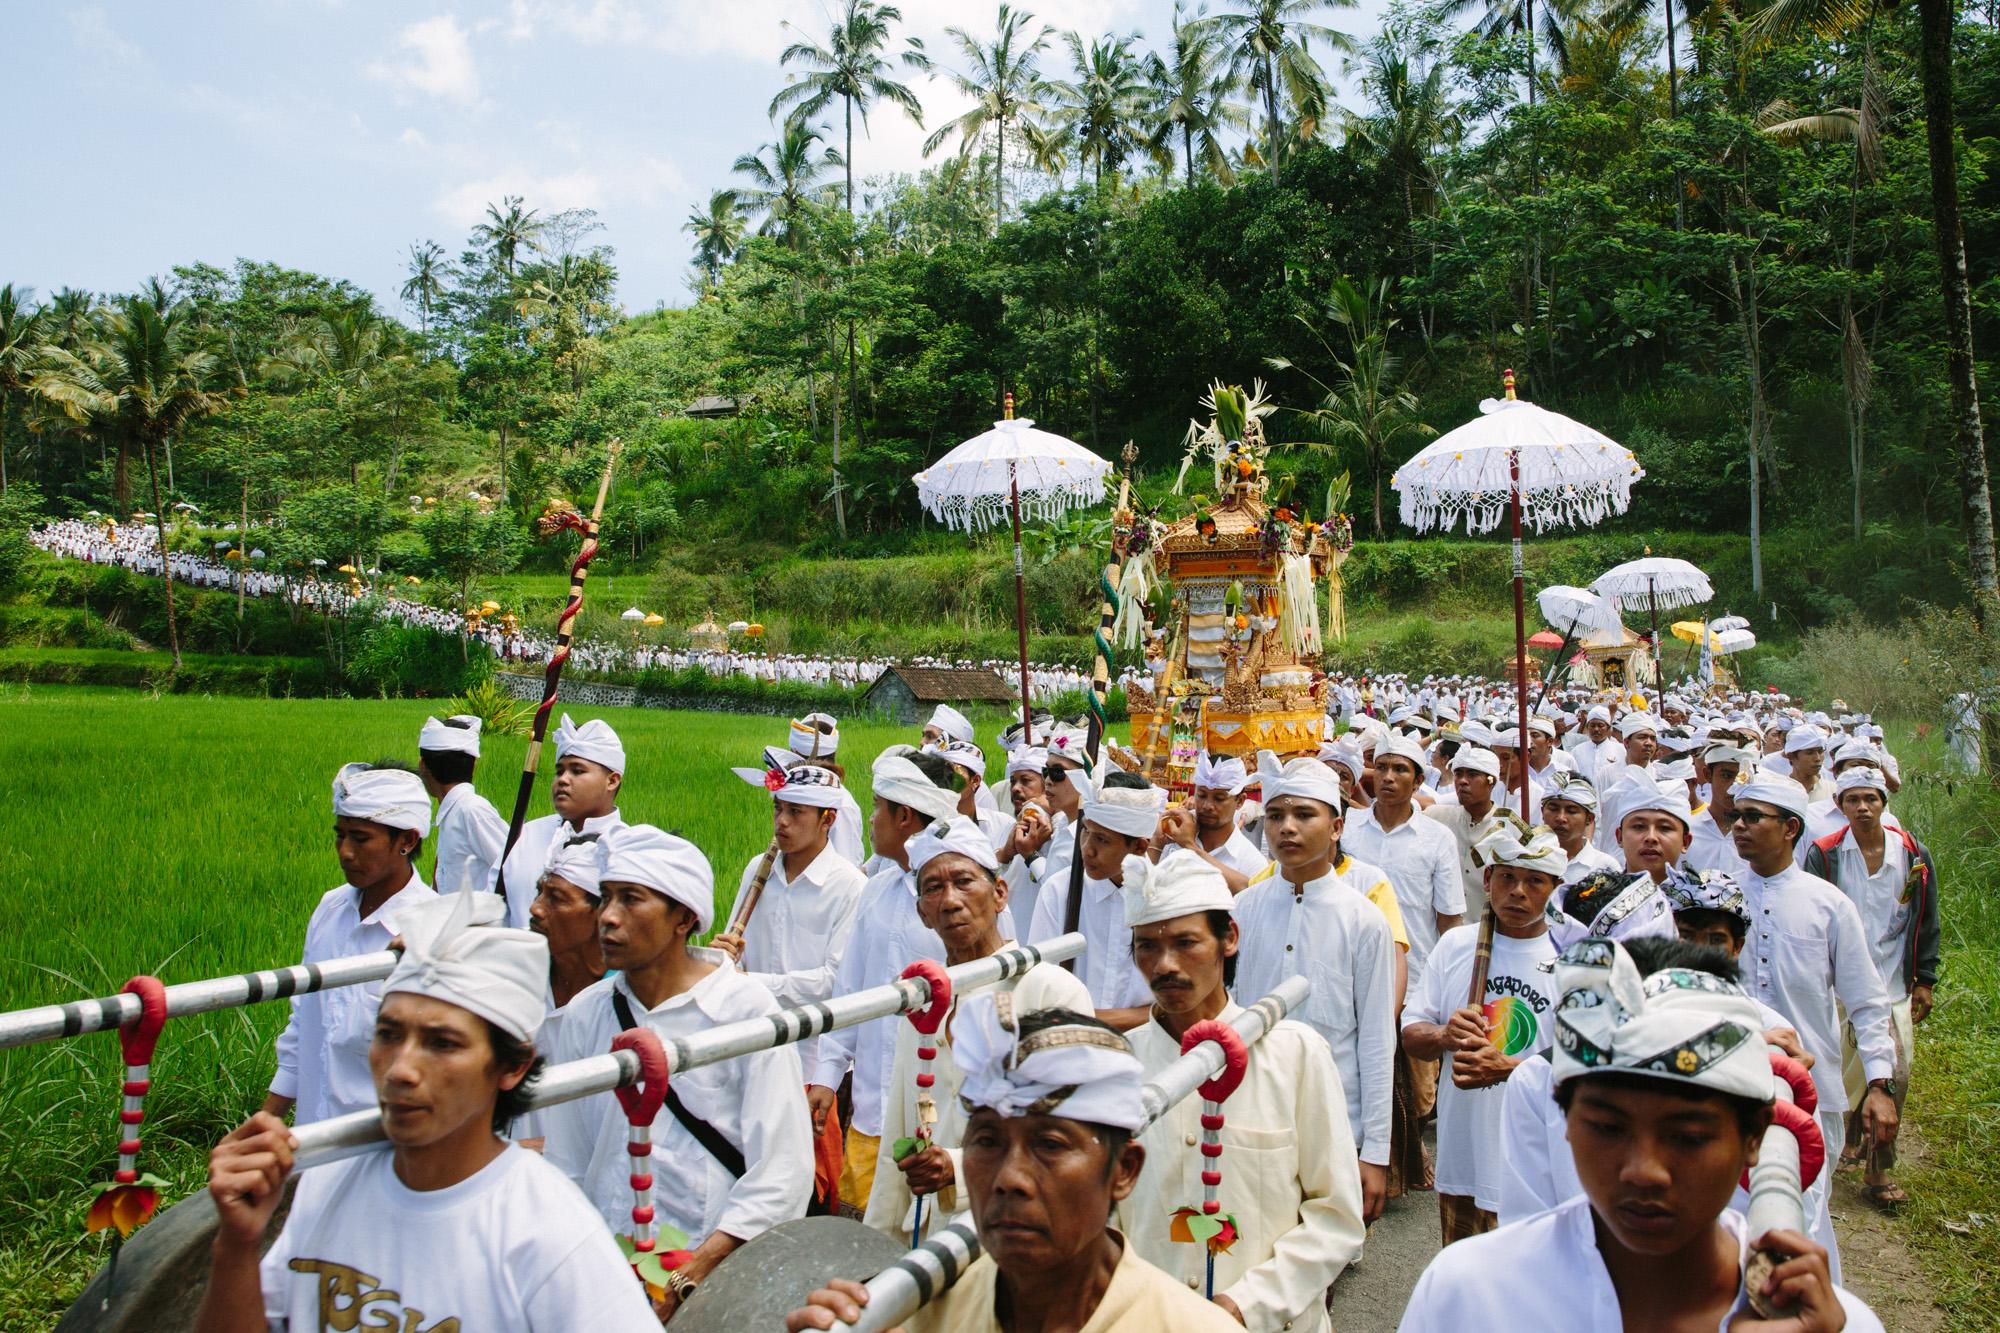 AGP_Bali_004.jpg